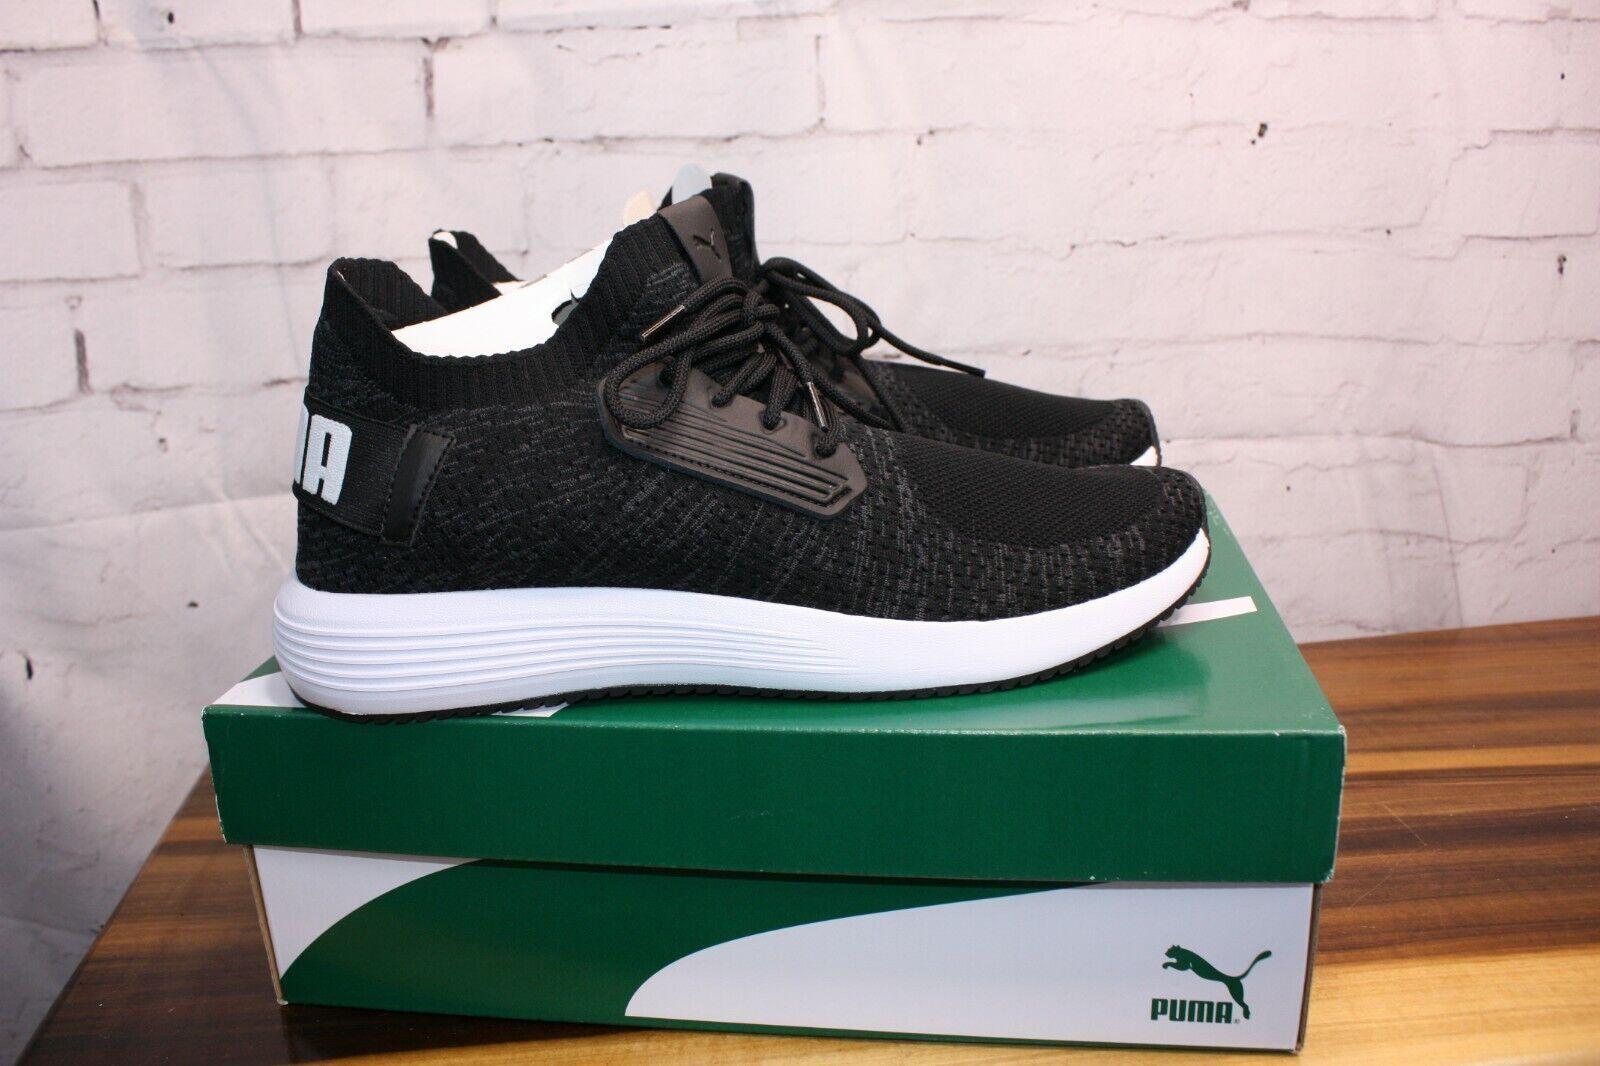 Puma Uprise Knit Zapatos Tenis Deportivas Negro blancoo Nuevo En Caja